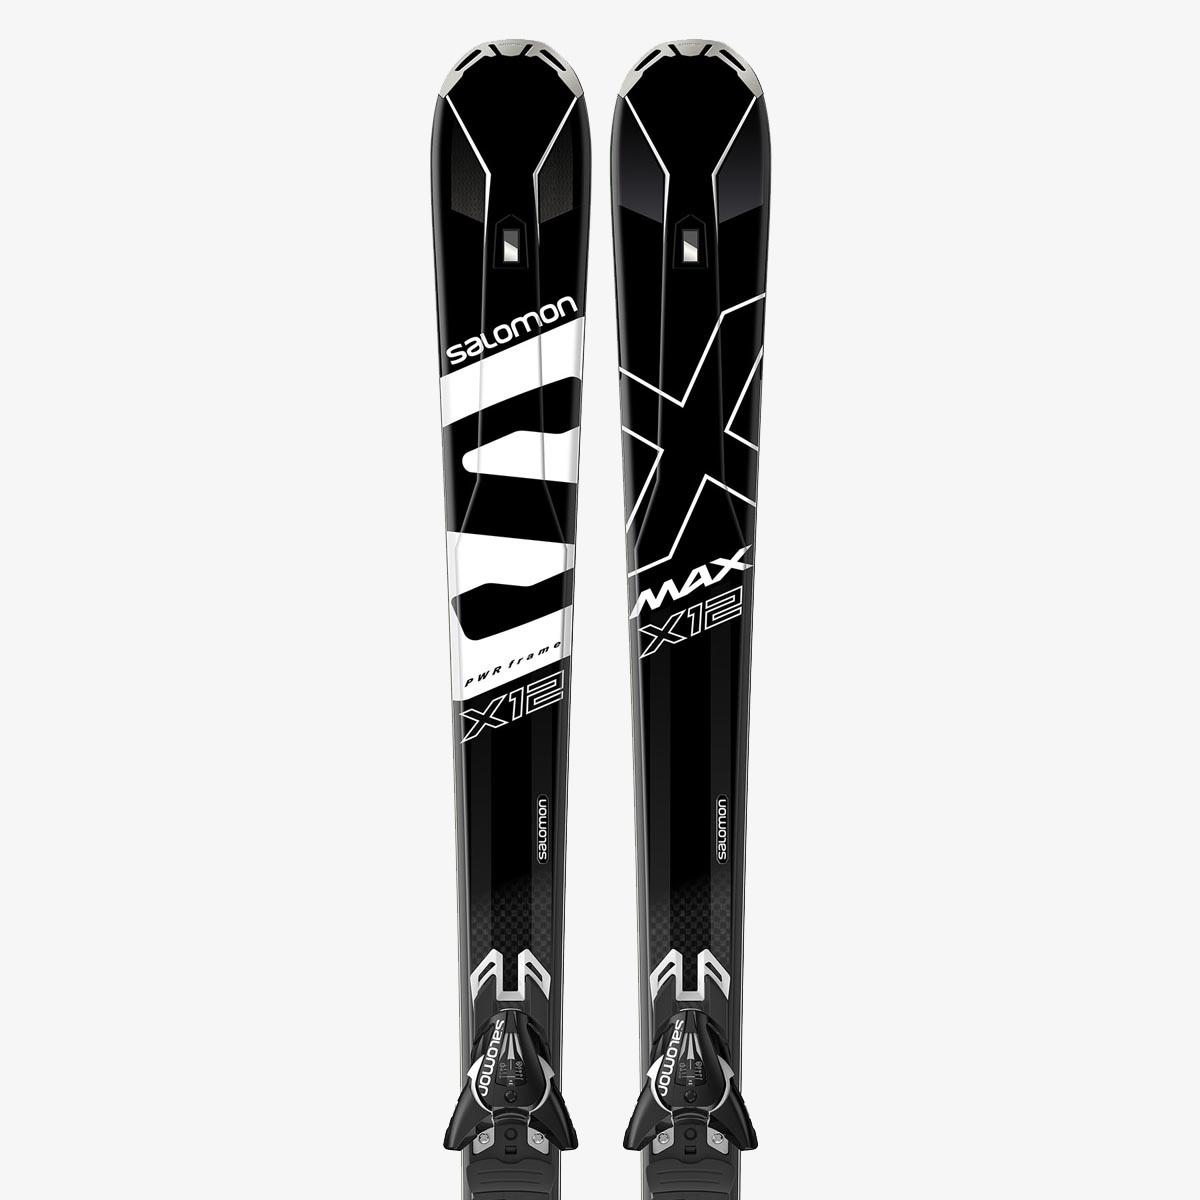 Комплект: лыжи + крепления SKI SET M X-MAX X12 + M XT12 Ti C9